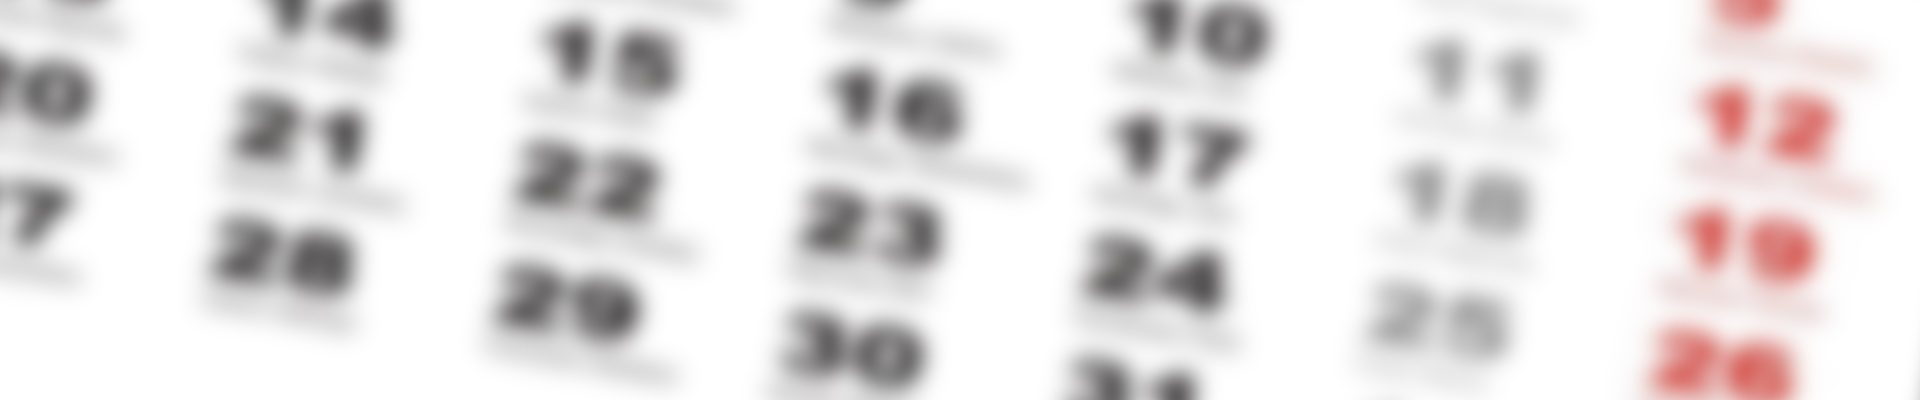 Kalendarze jednodzielne 2019 i trójdzielne 2019